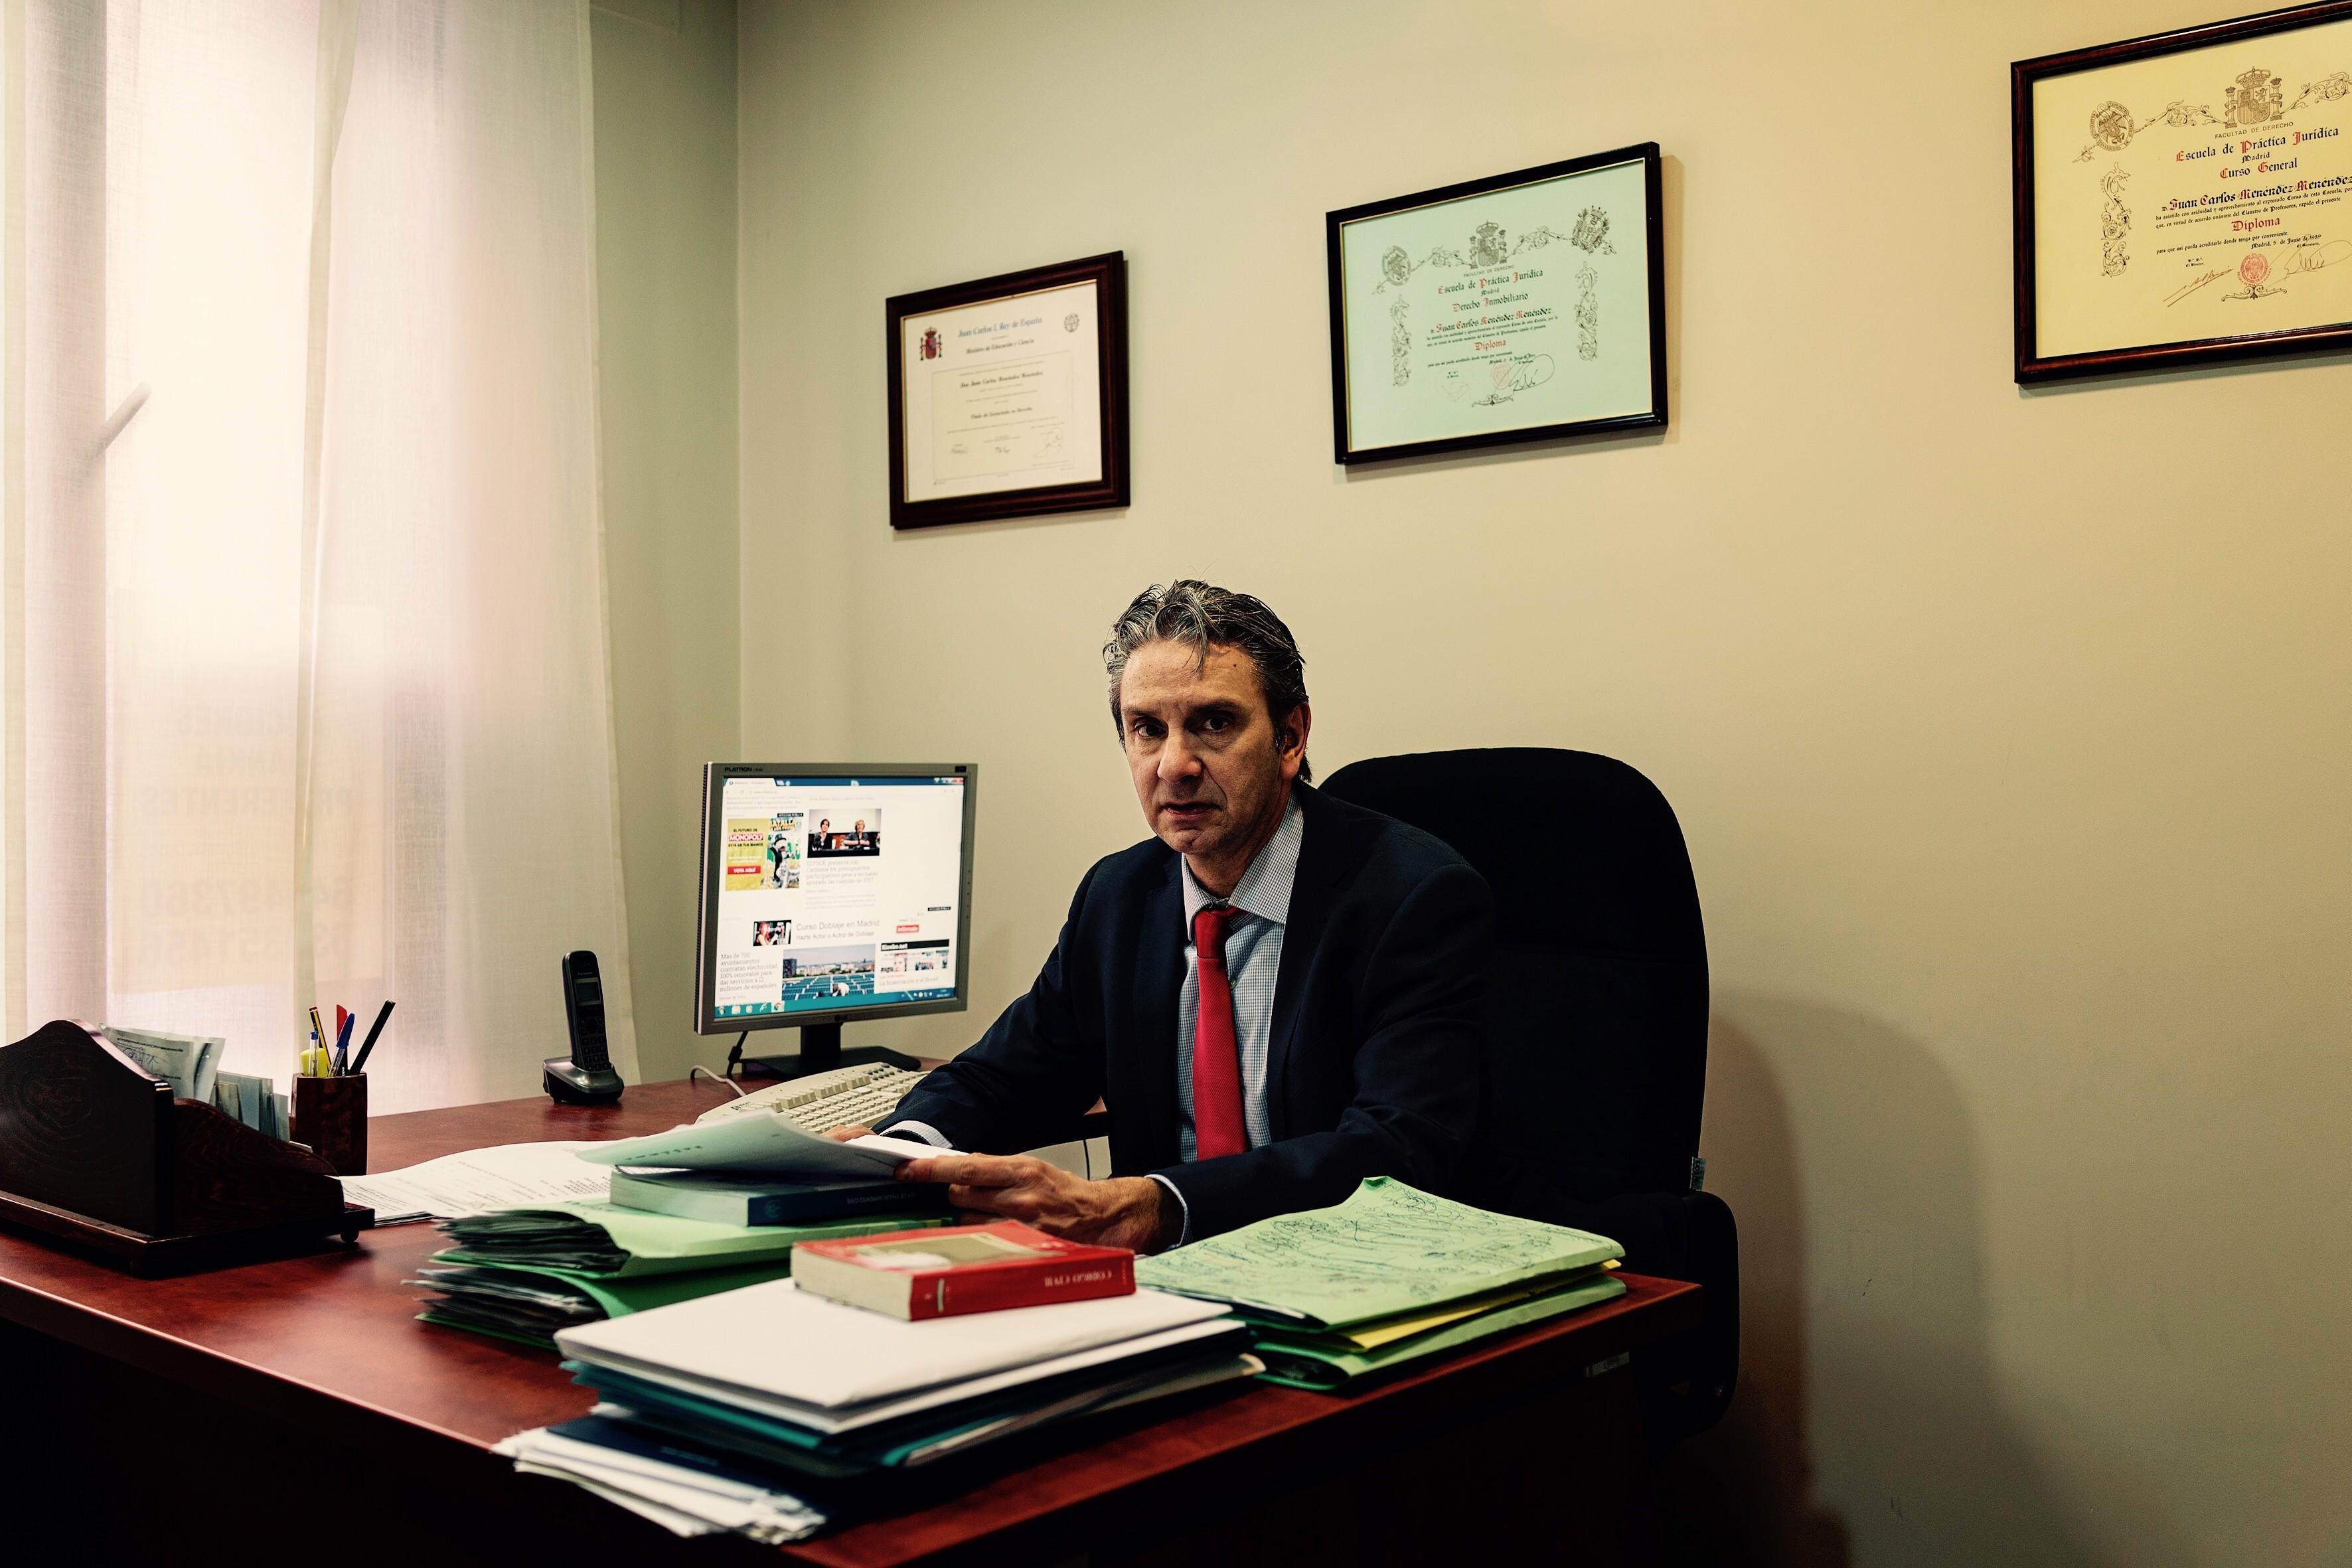 Bufete de abogados Menéndez y asociados - Juan Carlos Menéndez